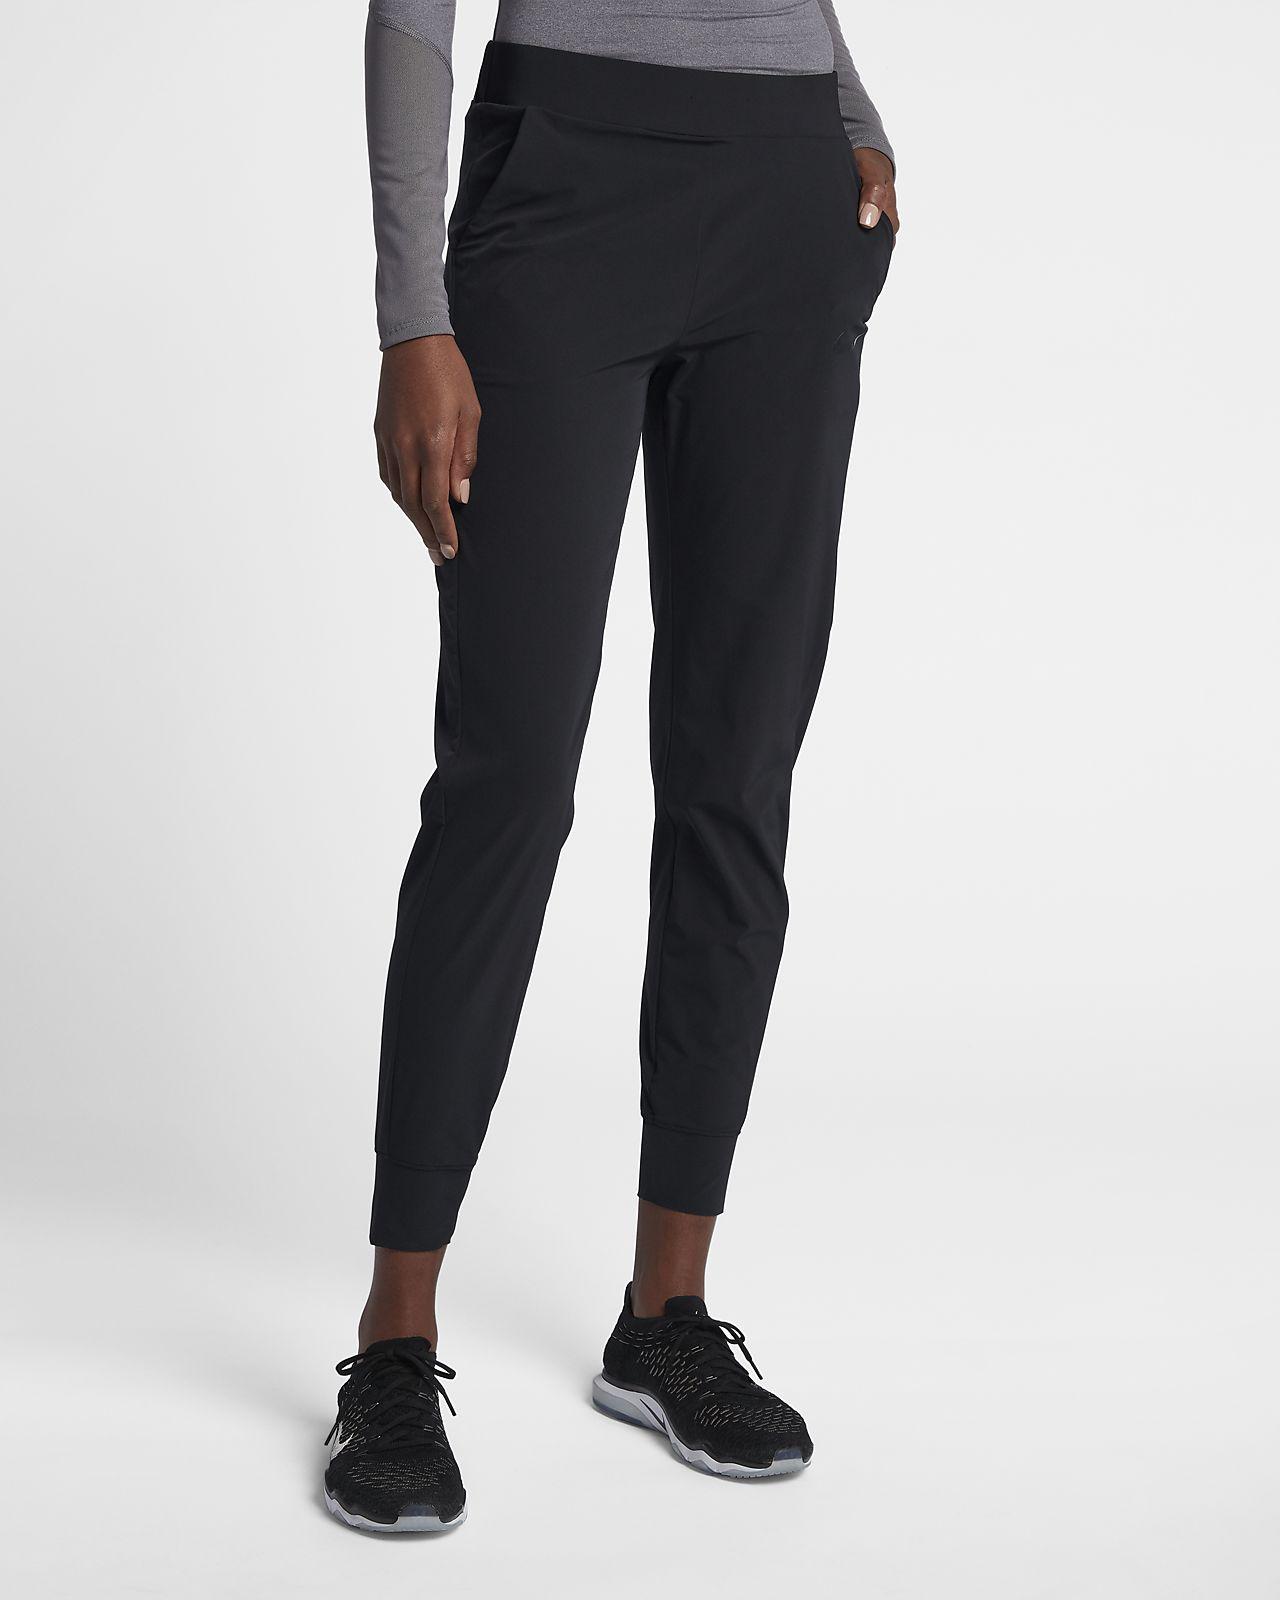 Pantalon de training taille mi-basse Nike Bliss Lux pour Femme